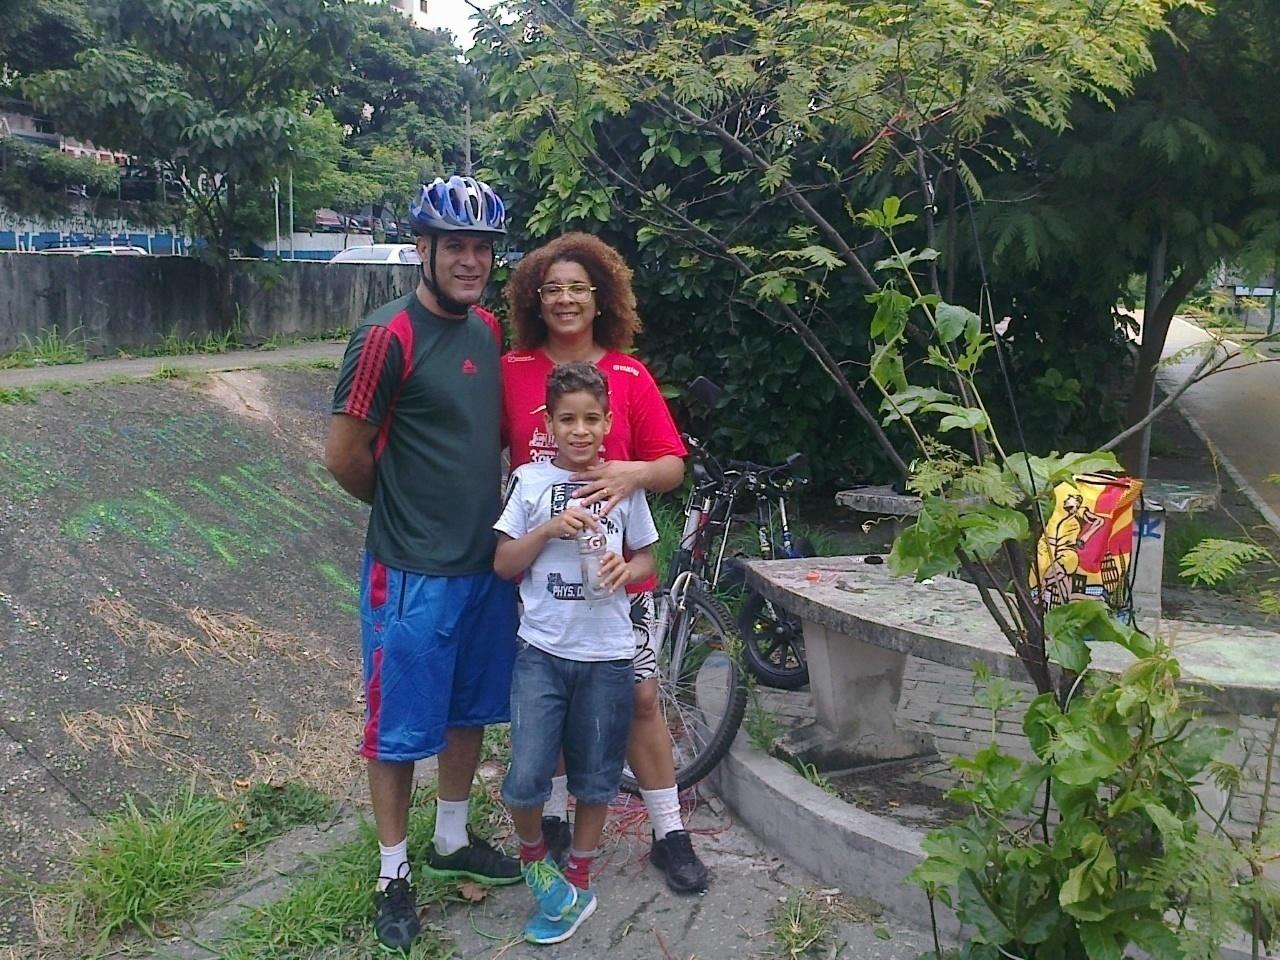 Devair Ferreira dos Santos avalia o trajeto da ciclovia como seguro